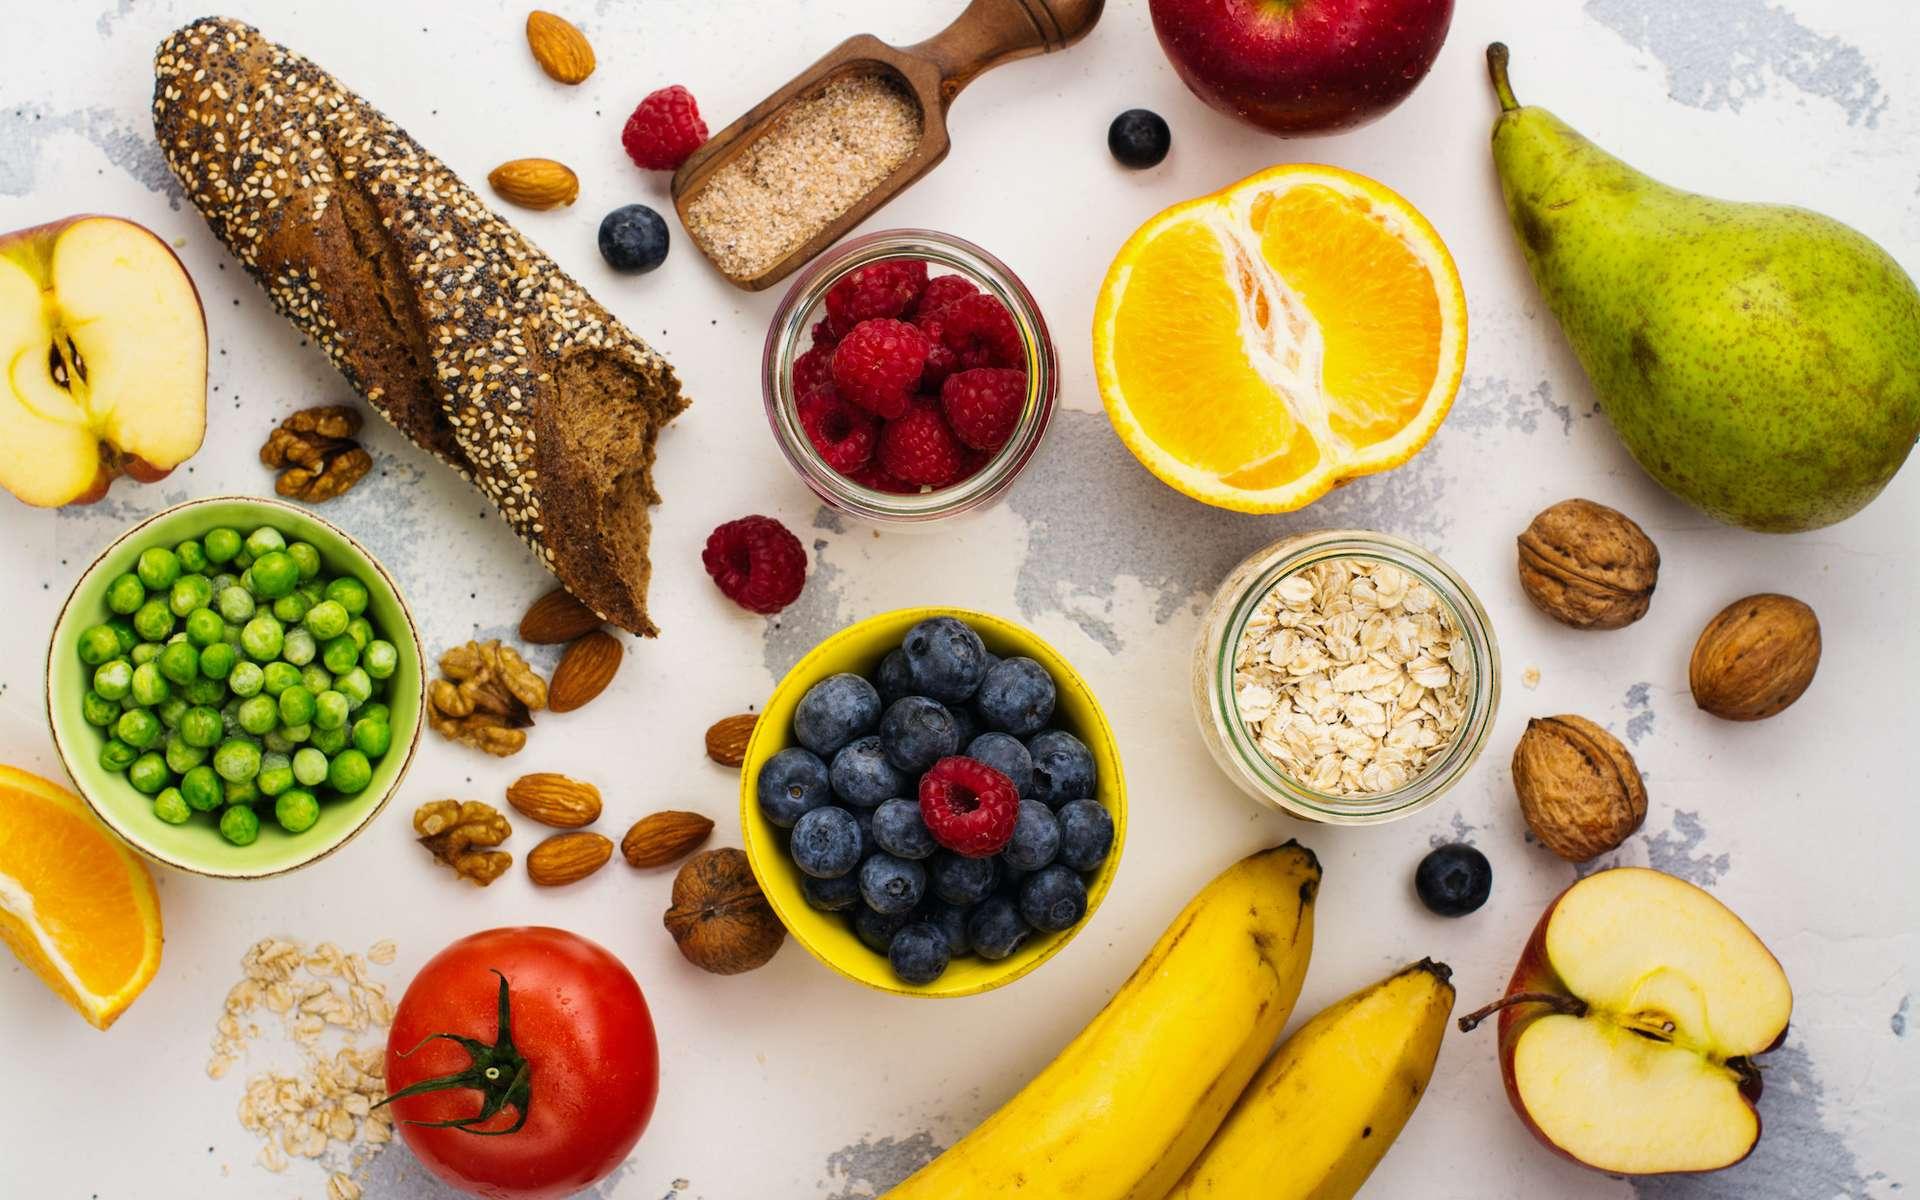 Les fibres insolubles se trouvent généralement dans la paroi de végétaux et les fibres solubles au cœur des végétaux. © happy_lark, Adobe Stock